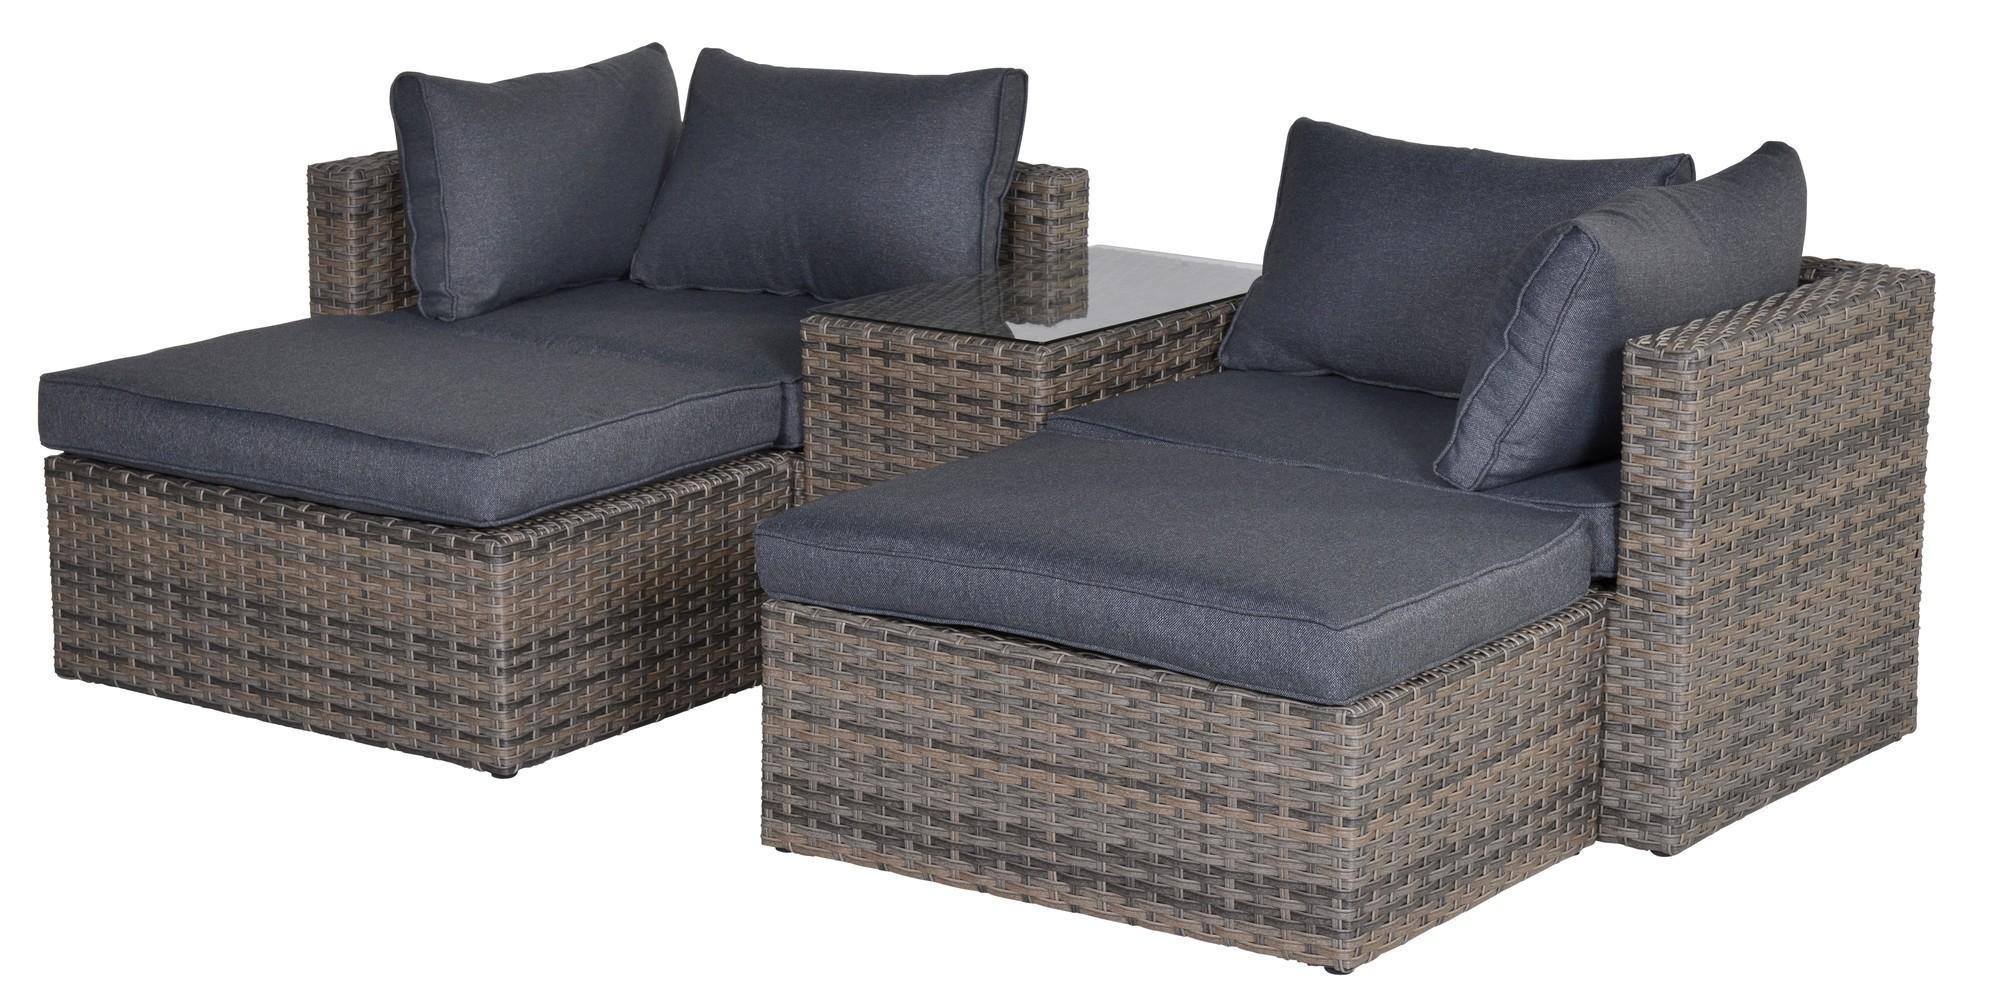 garda balkon loungeset havanna sand sehen sie alle gartenm bel hier online. Black Bedroom Furniture Sets. Home Design Ideas